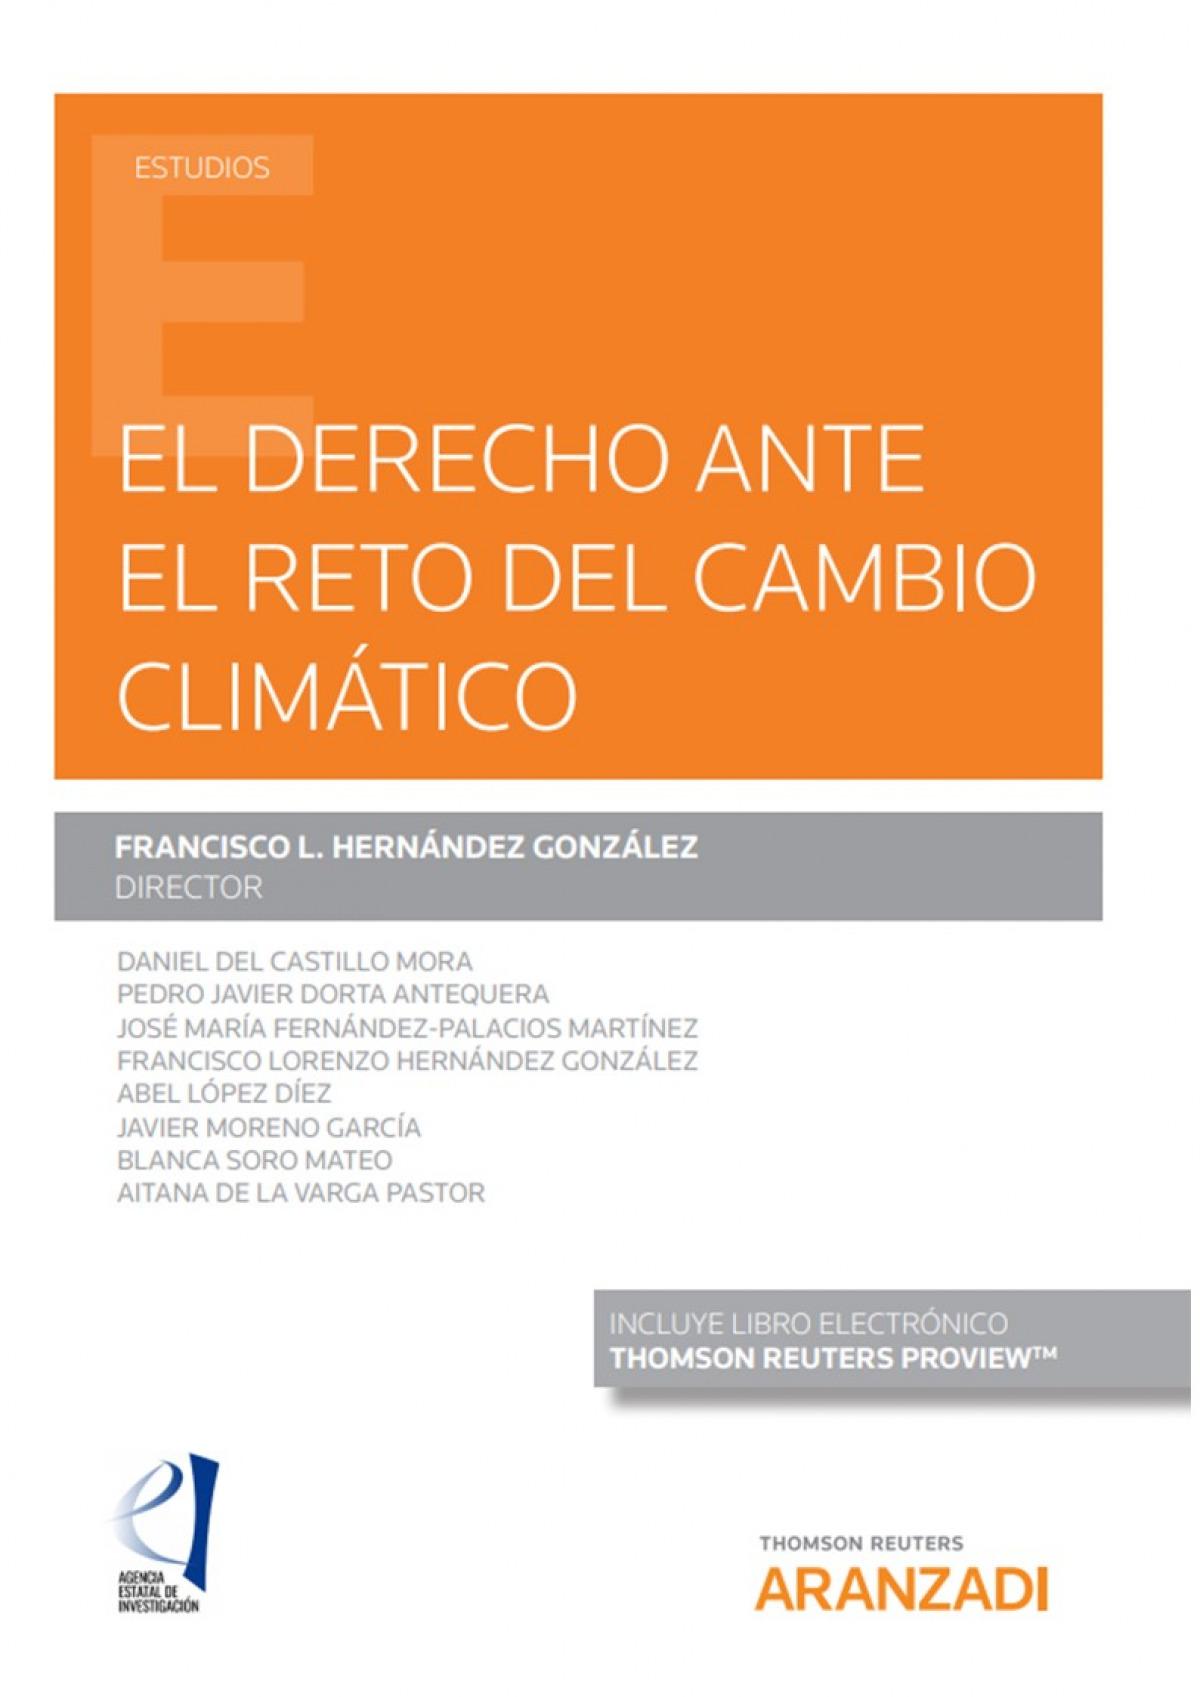 El derecho ante el reto del cambio climático (Papel + e-book) 9788413452364